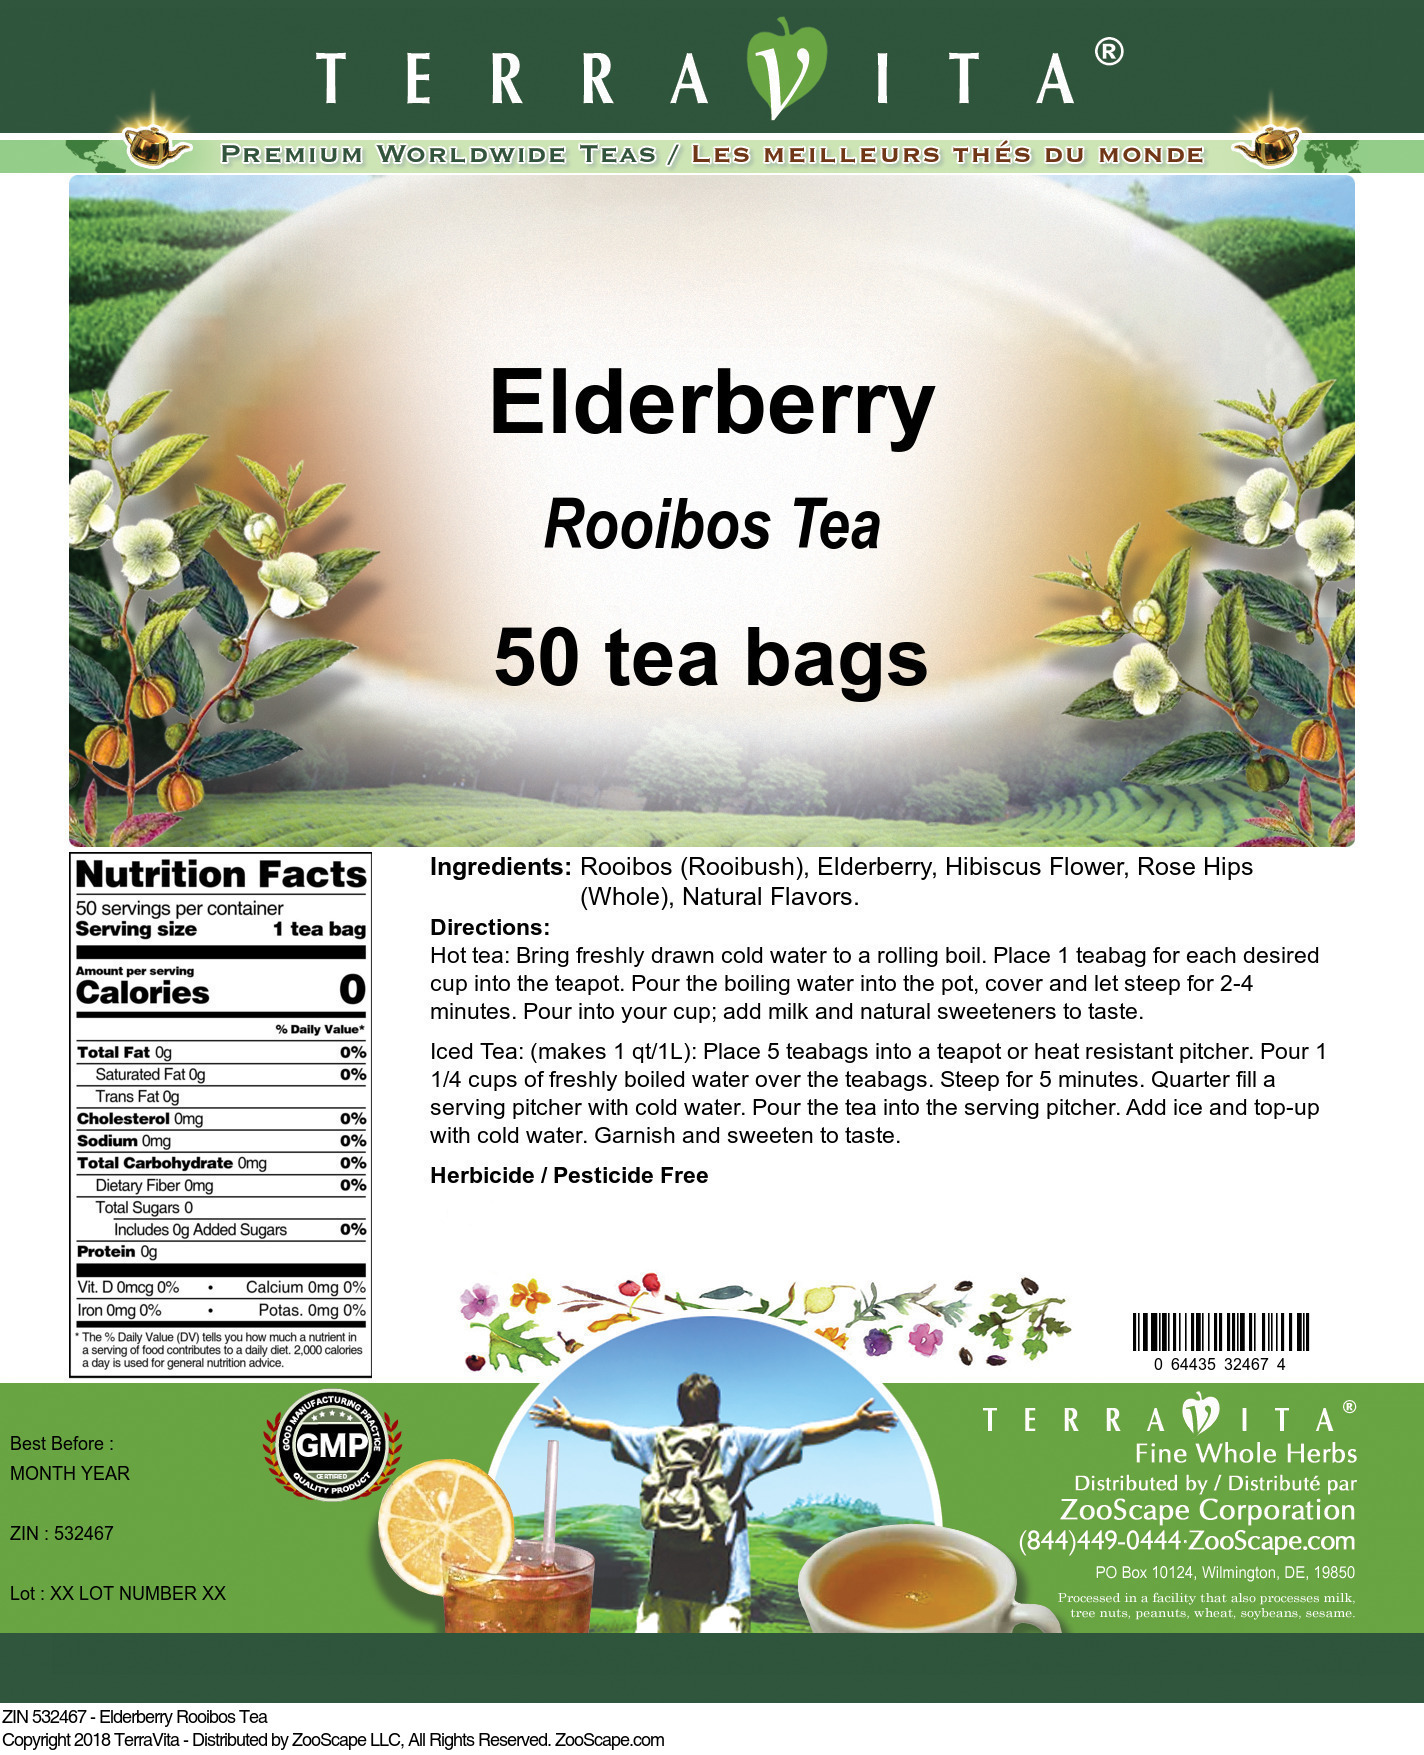 Elderberry Rooibos Tea